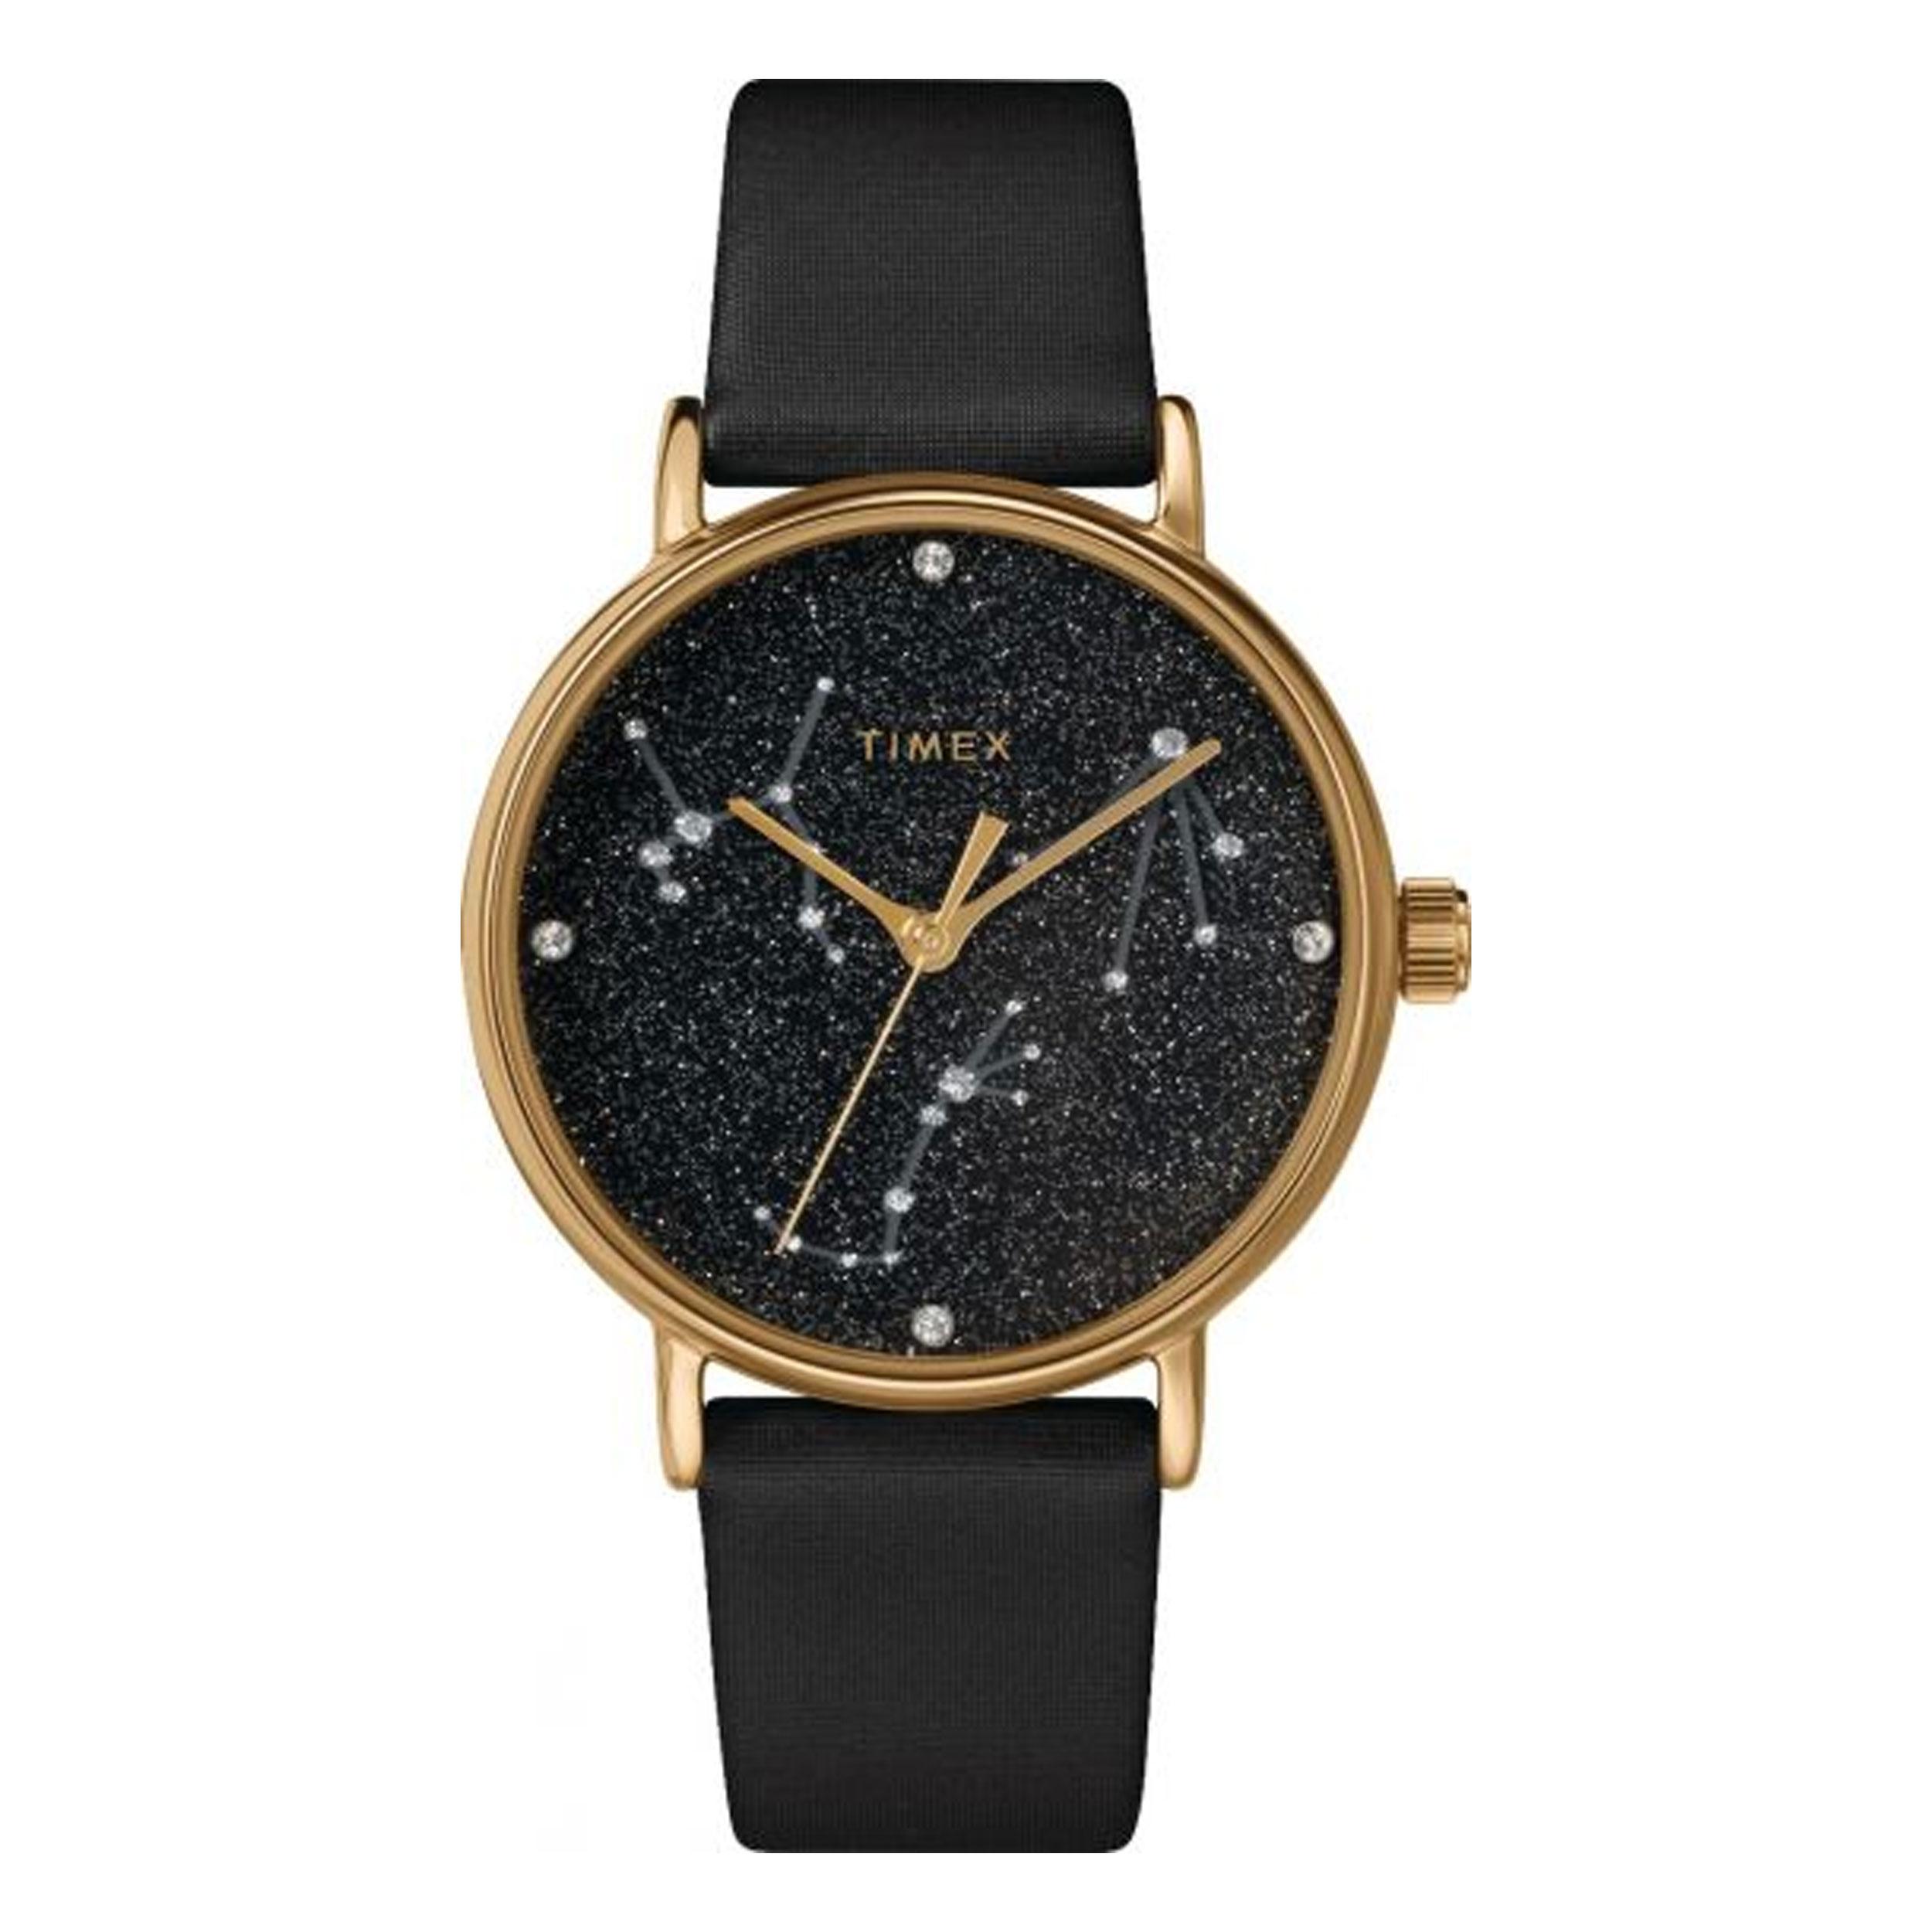 ساعت مچی عقربه ای زنانه تایمکس مدل TW2T87600